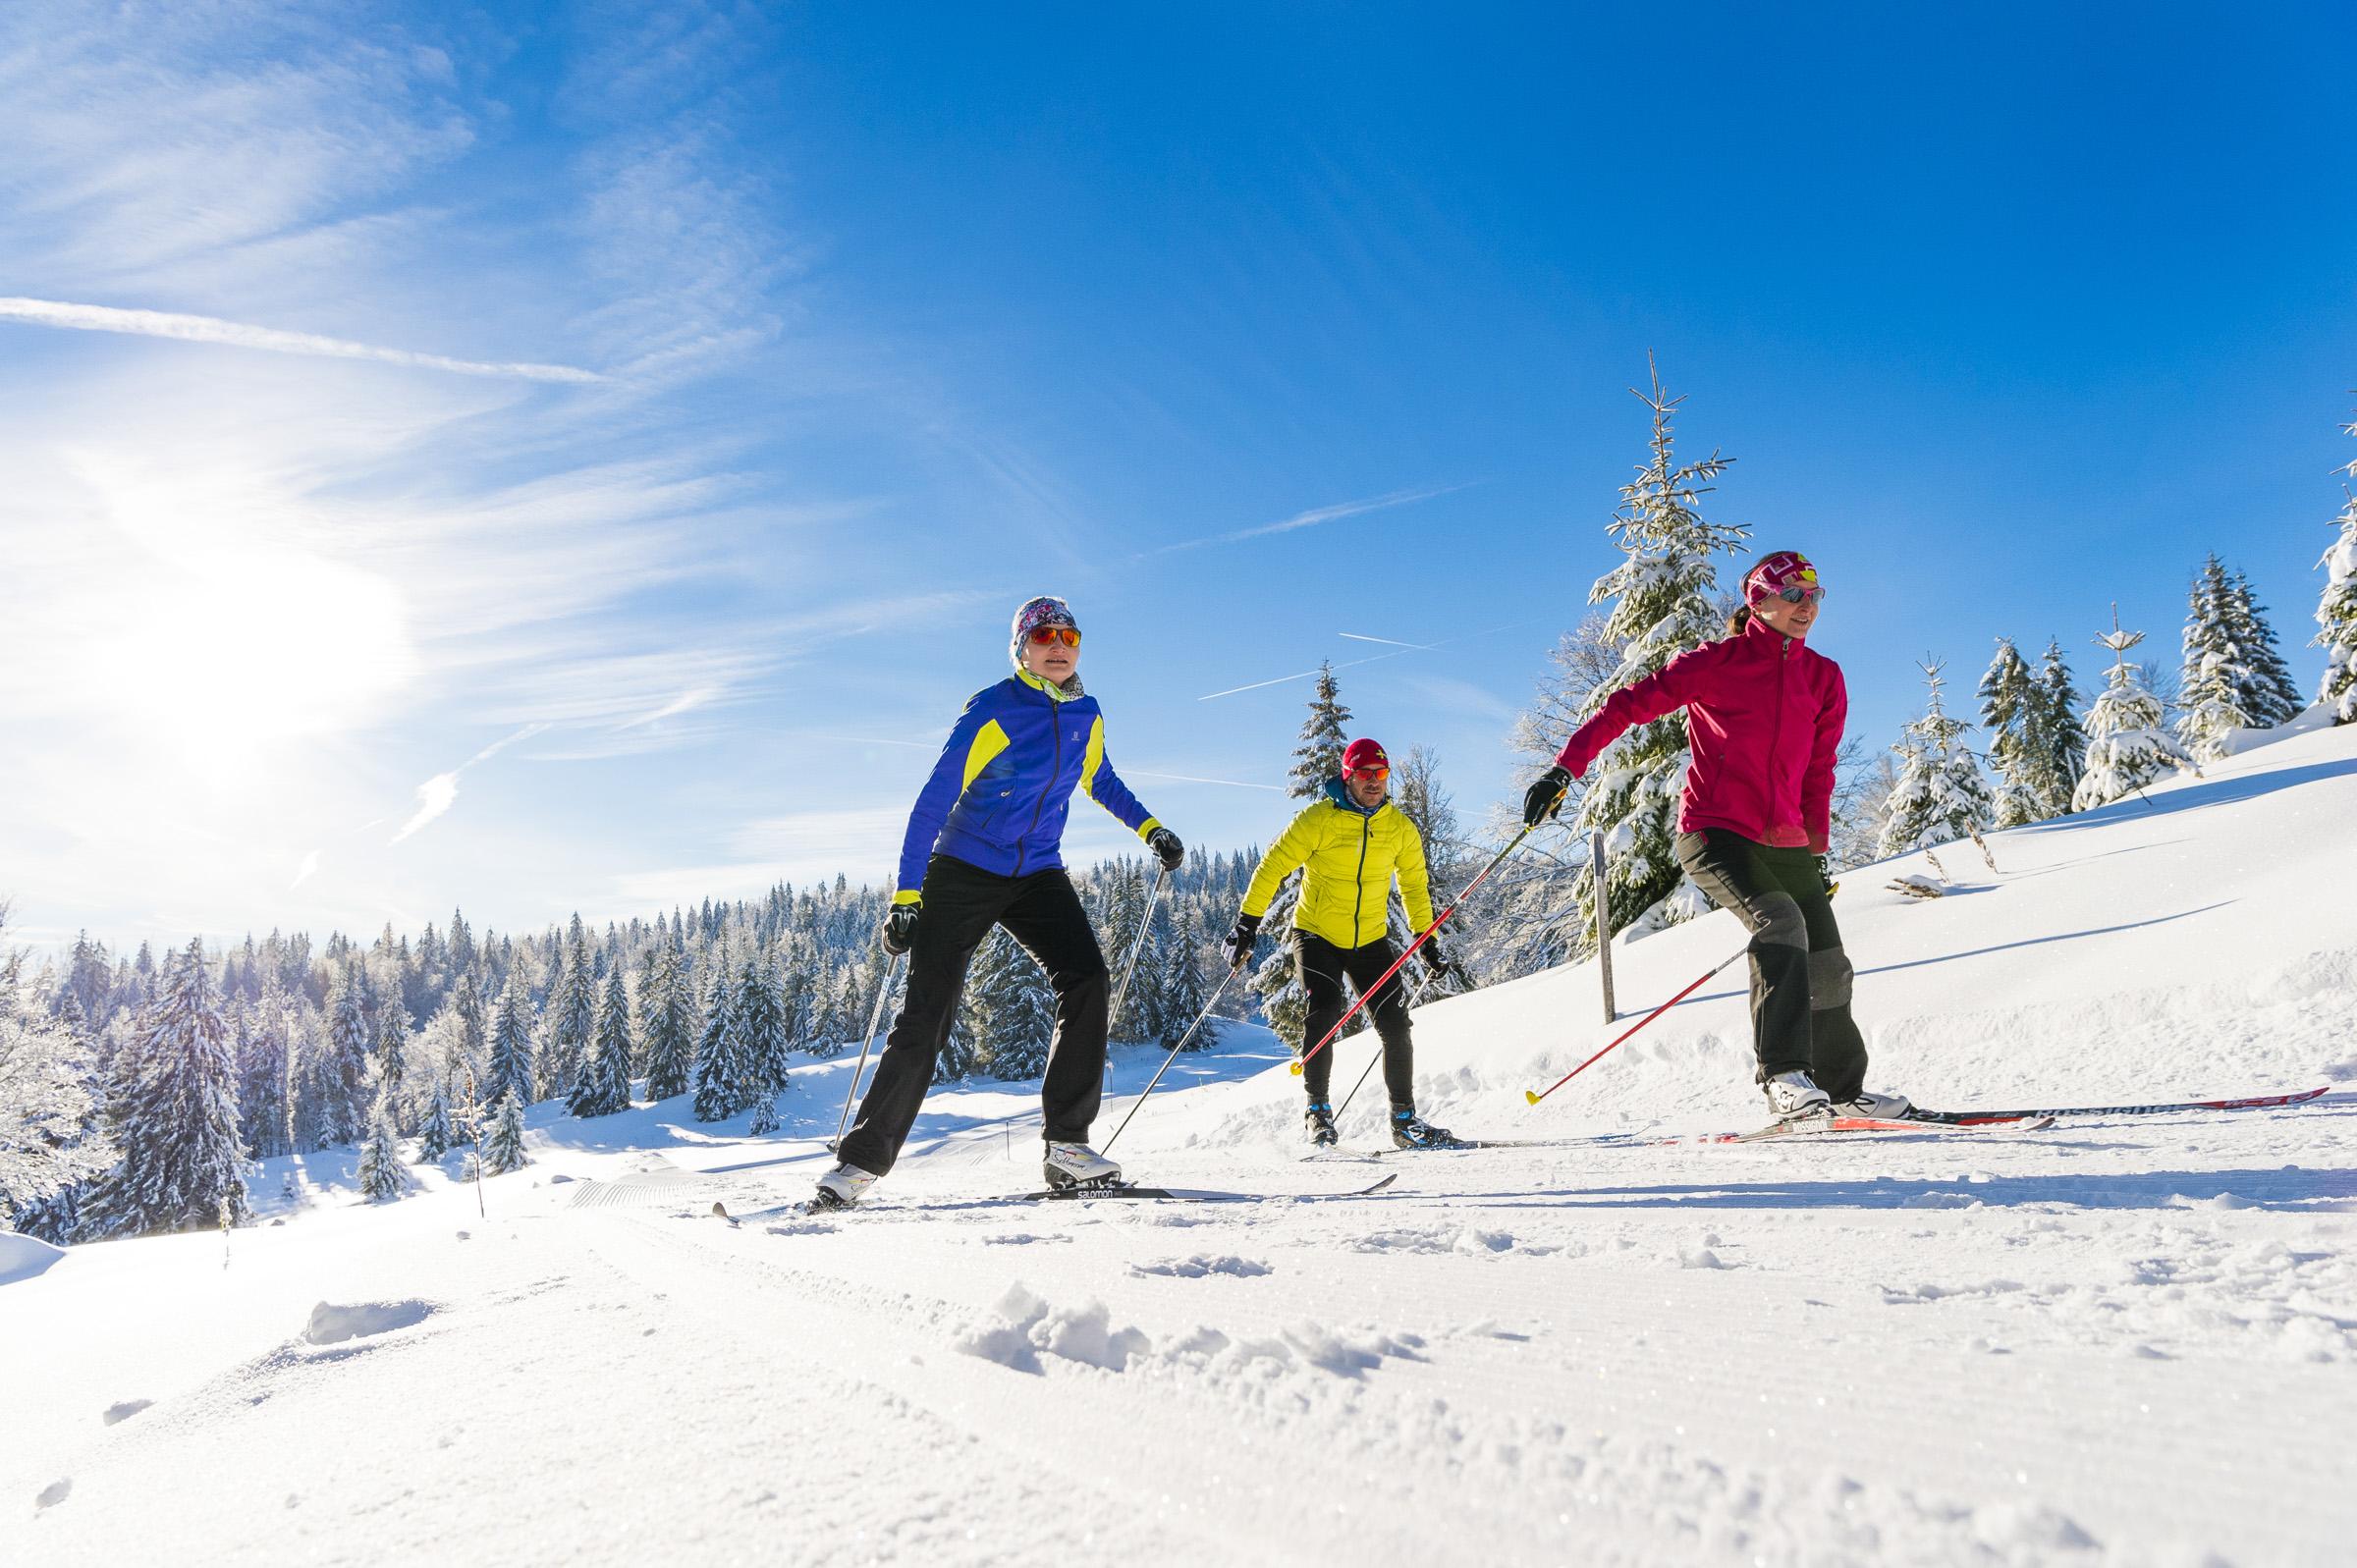 Ski - Station des Rousses -Jura - Hiver - Groupe - Nordique - Ski de fond